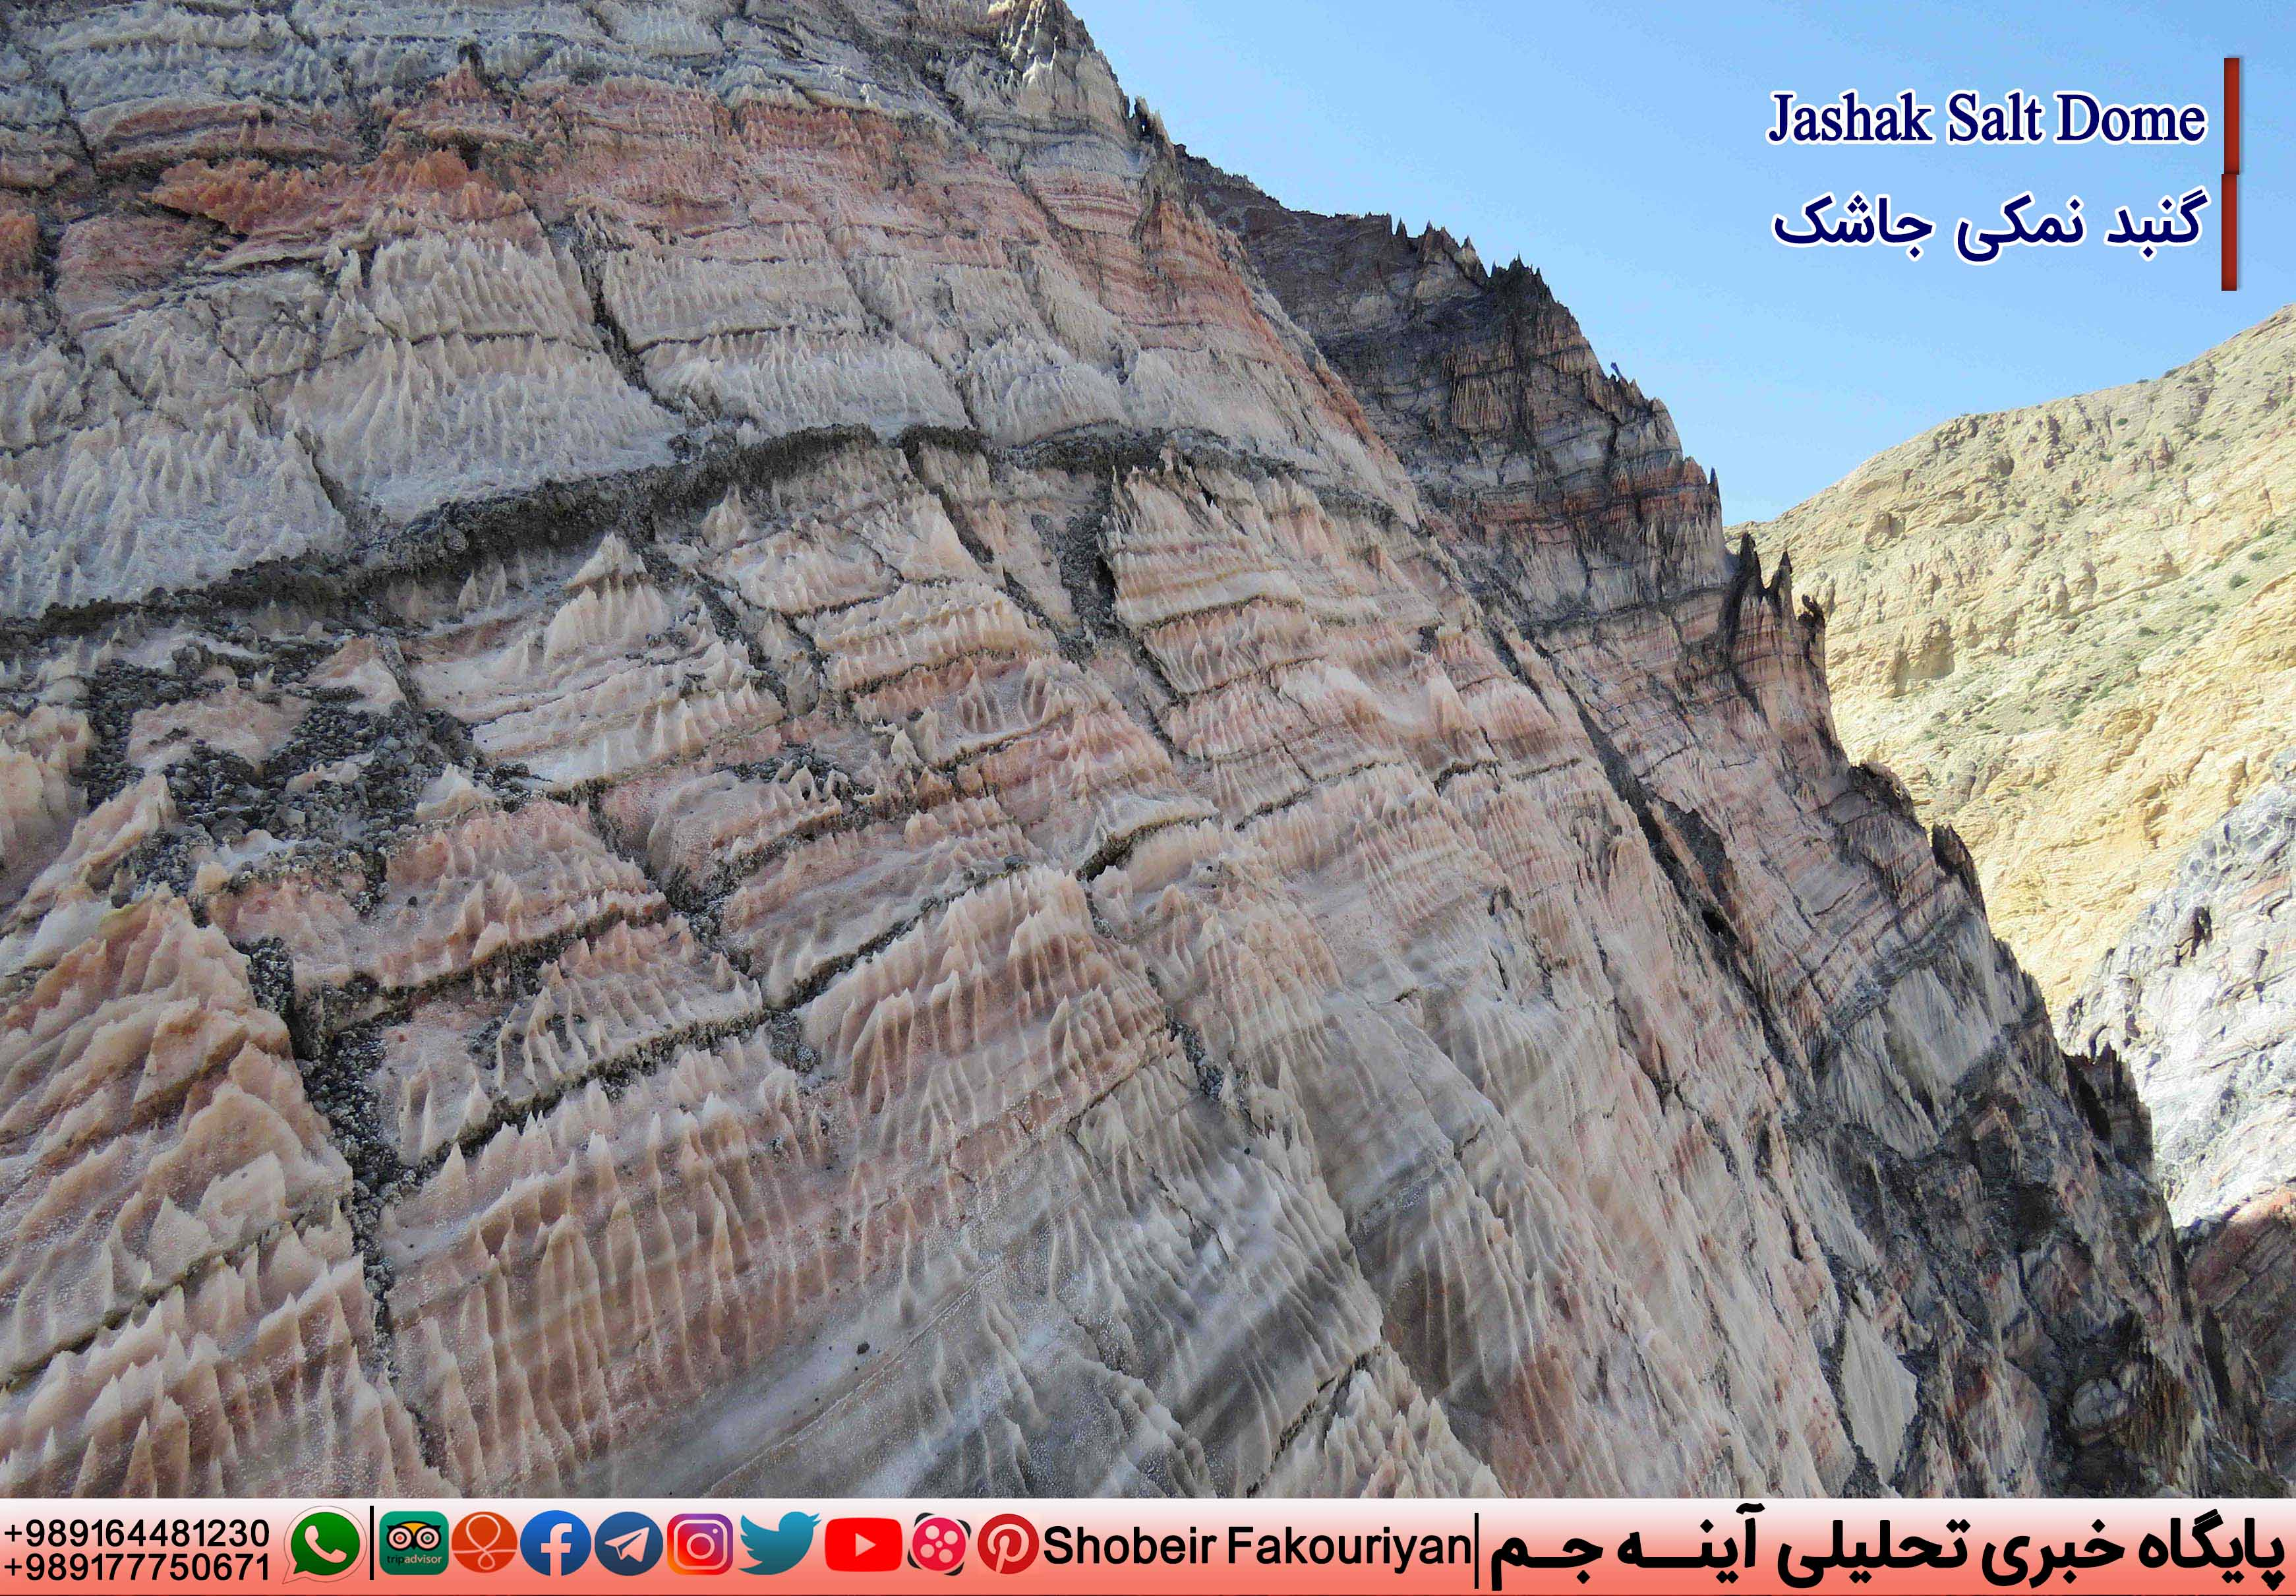 jashak